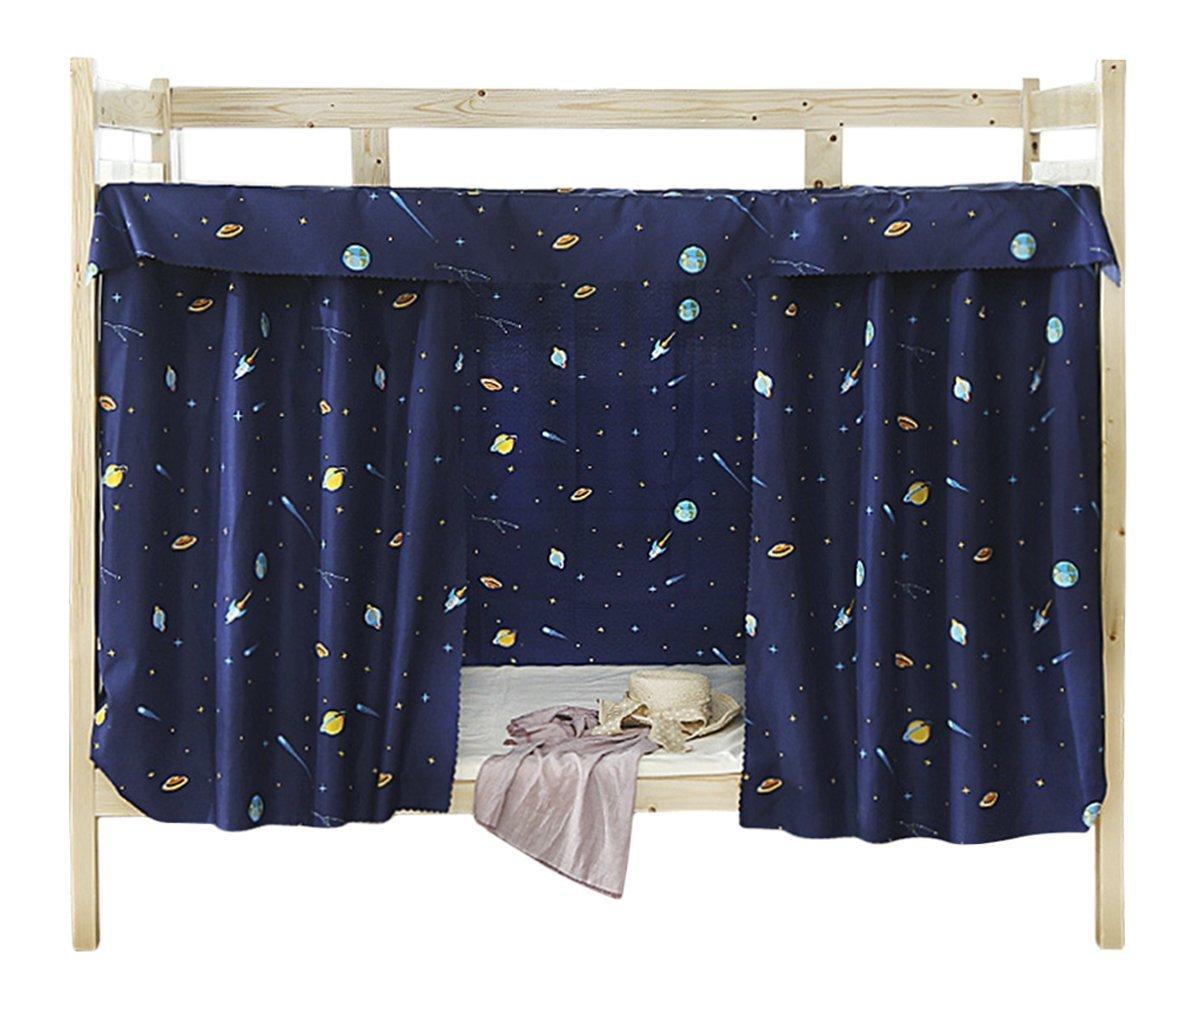 Tenda in tessuto per letto a castello per dormitorio, Tenda oscurante per letto a baldacchino a prova di polvere e zanzare, Dark Blue, 1.2M x 2M ( 3 Piece included ) BXT